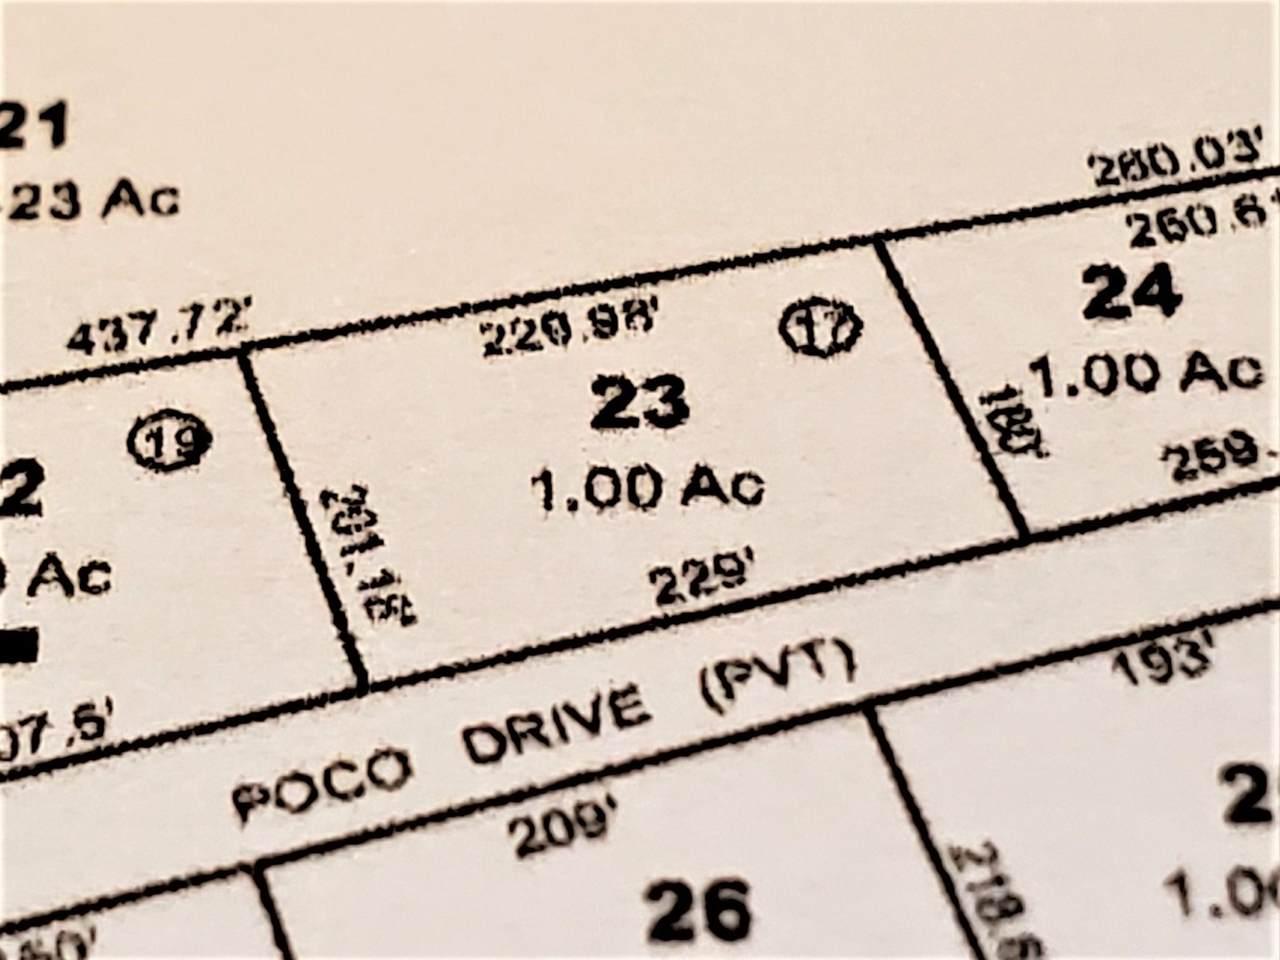 Poco Drive - Photo 1